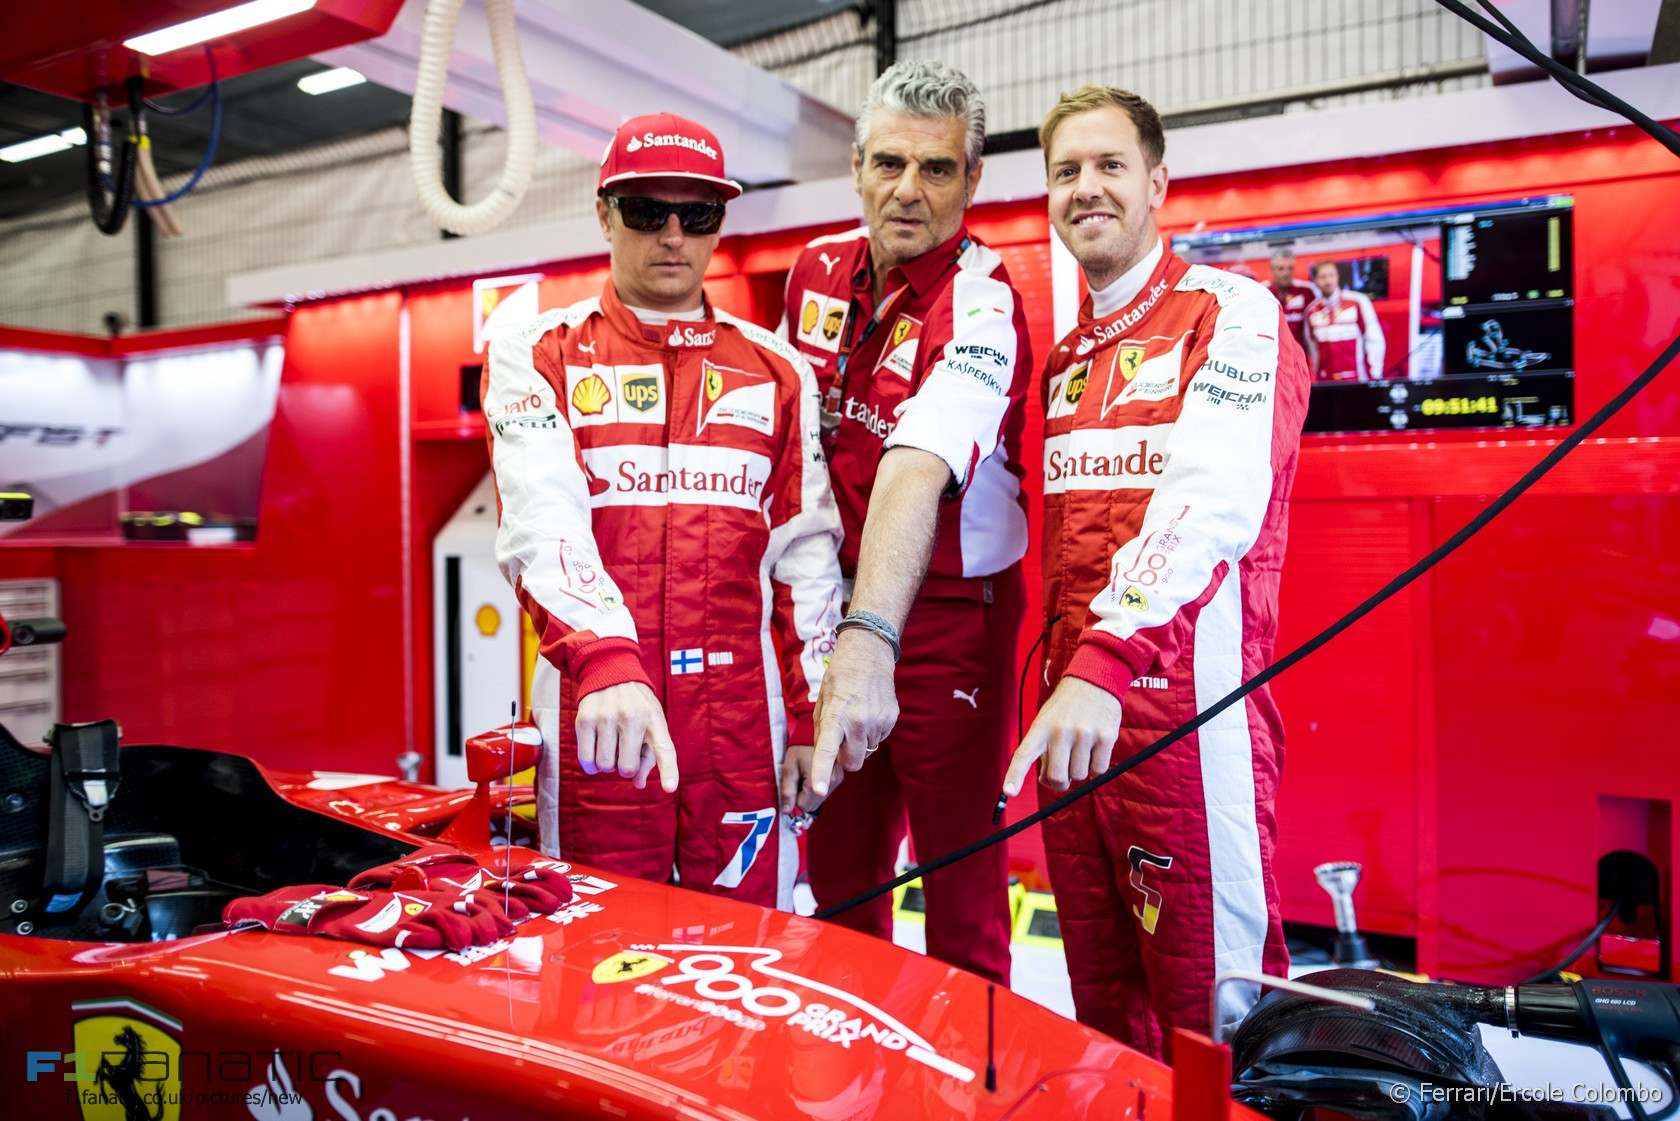 Kimi Raikkonen, Maurizio Arrivabene, Sebastian Vettel, Ferrari, Spa-Francorchamps, 2015